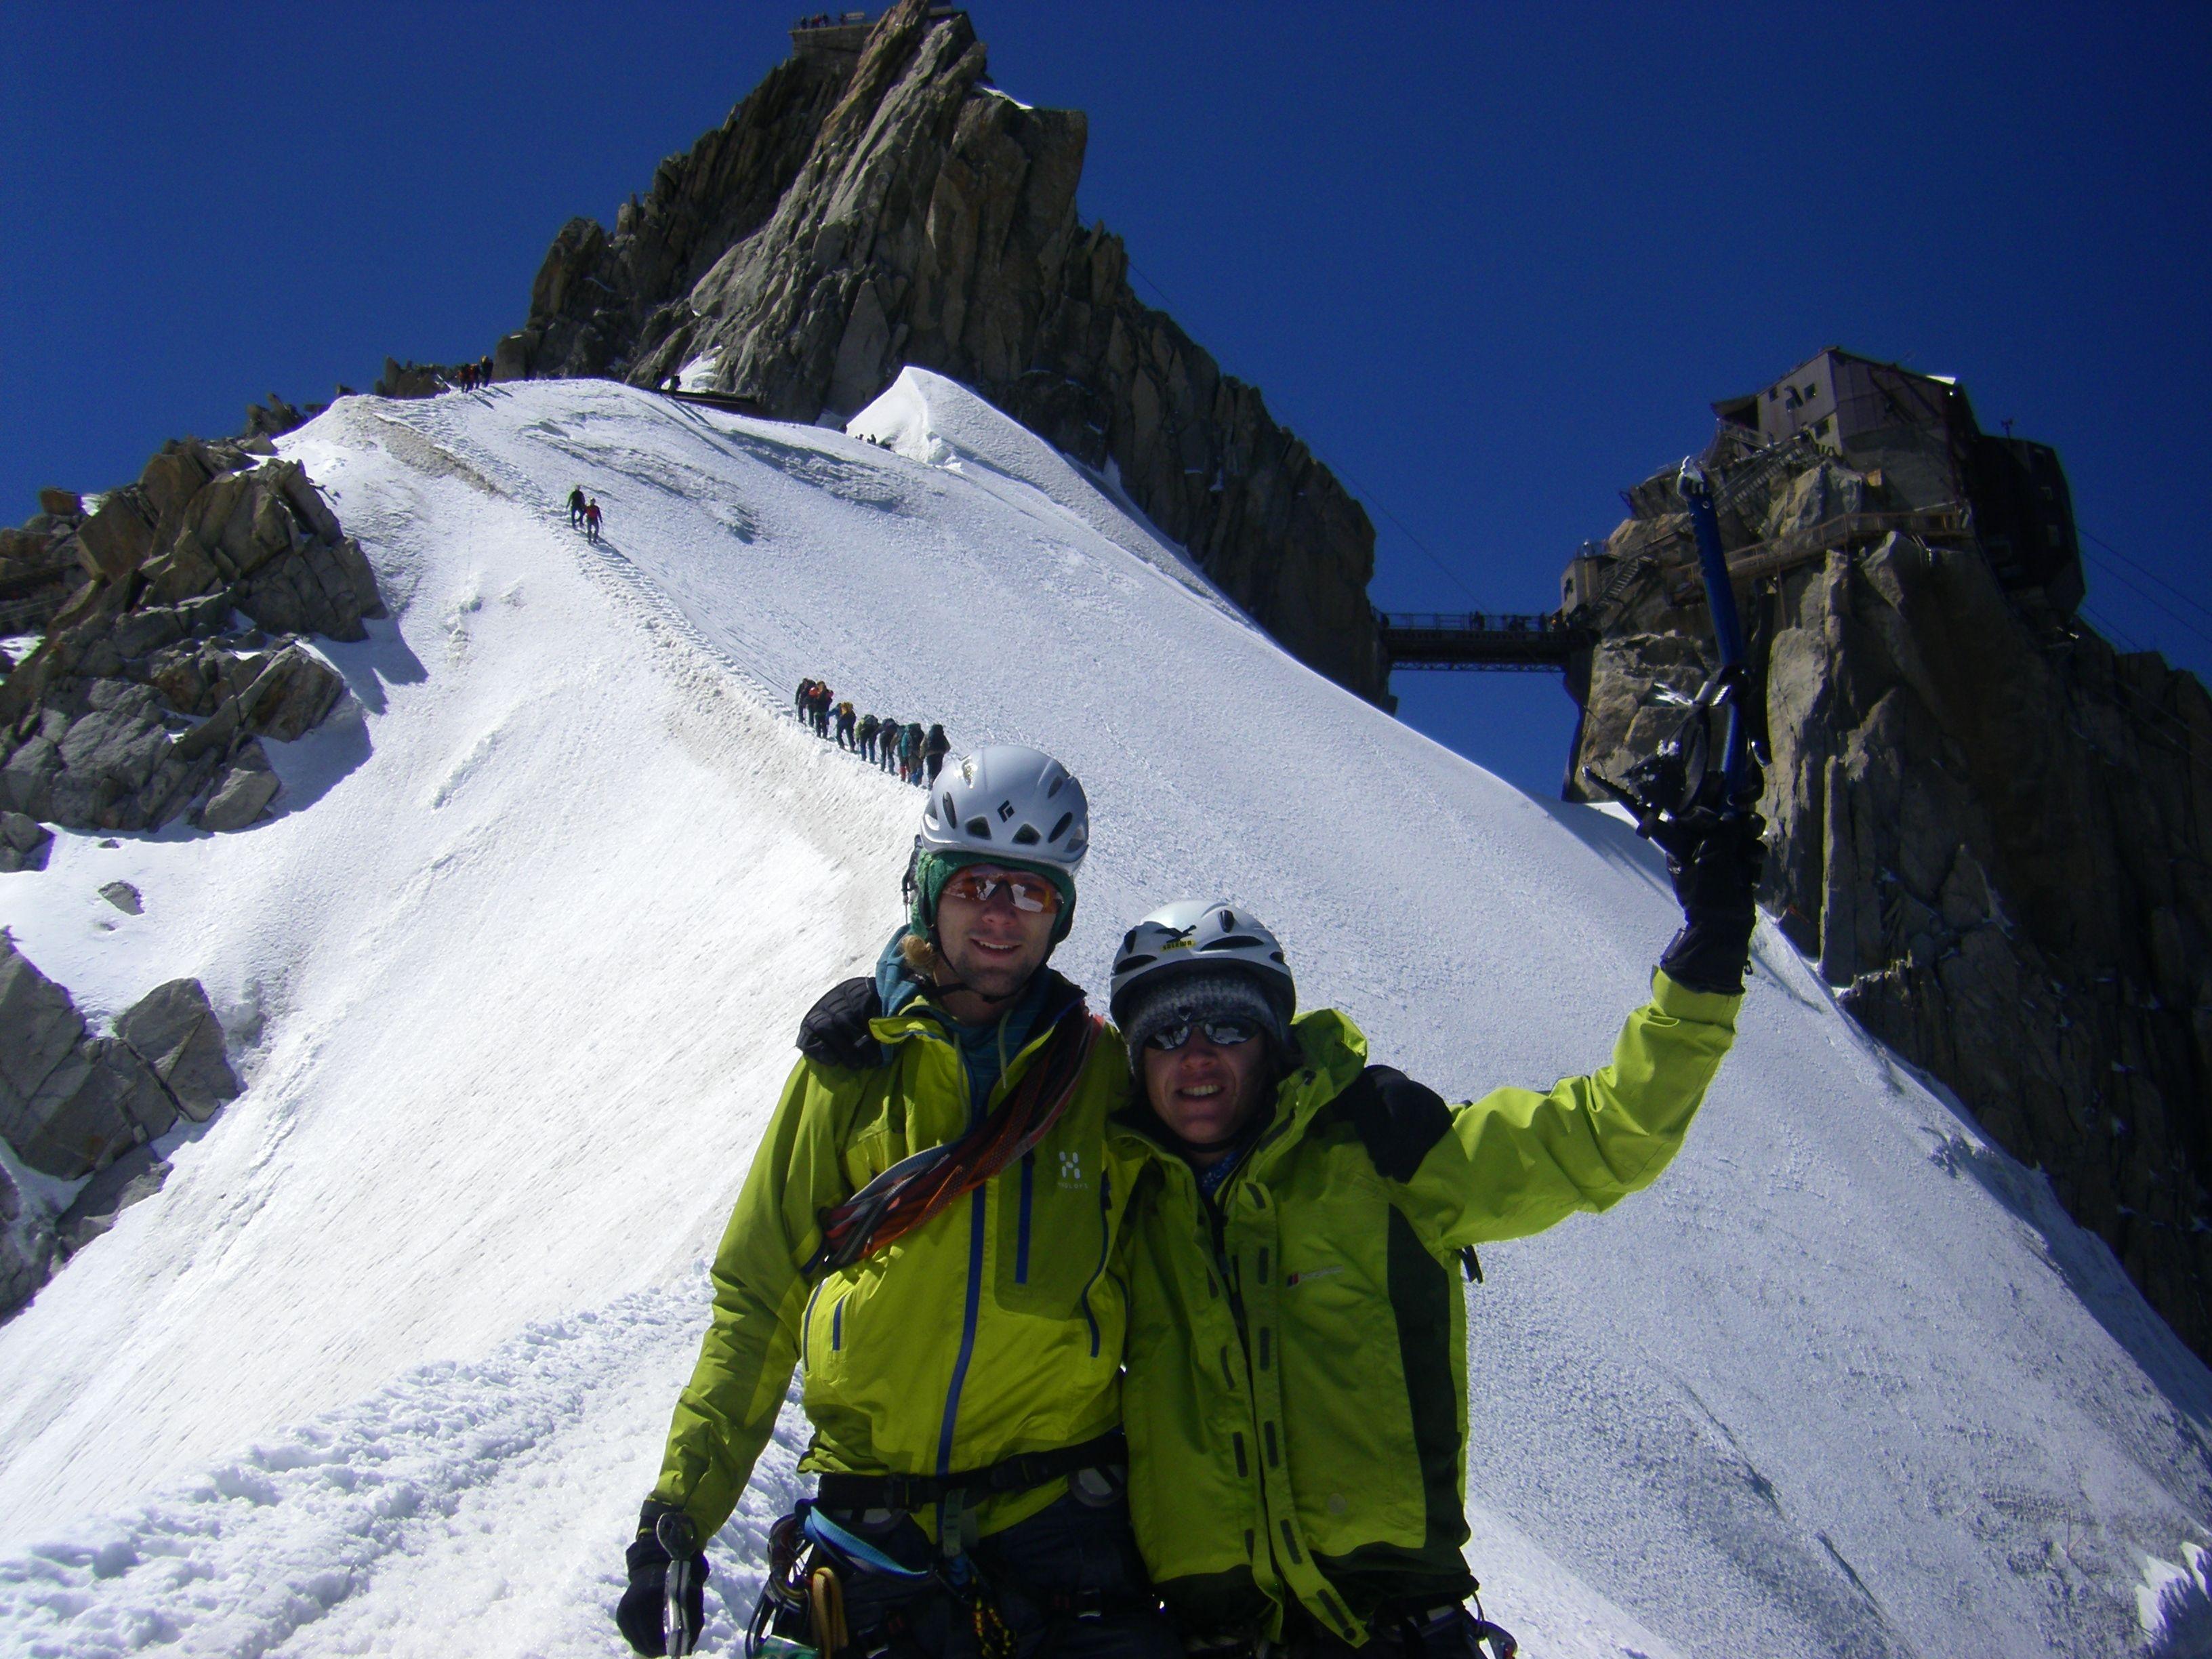 Bergtour: Warum Urlaub, wenn es doch Bergsteigen gibt?